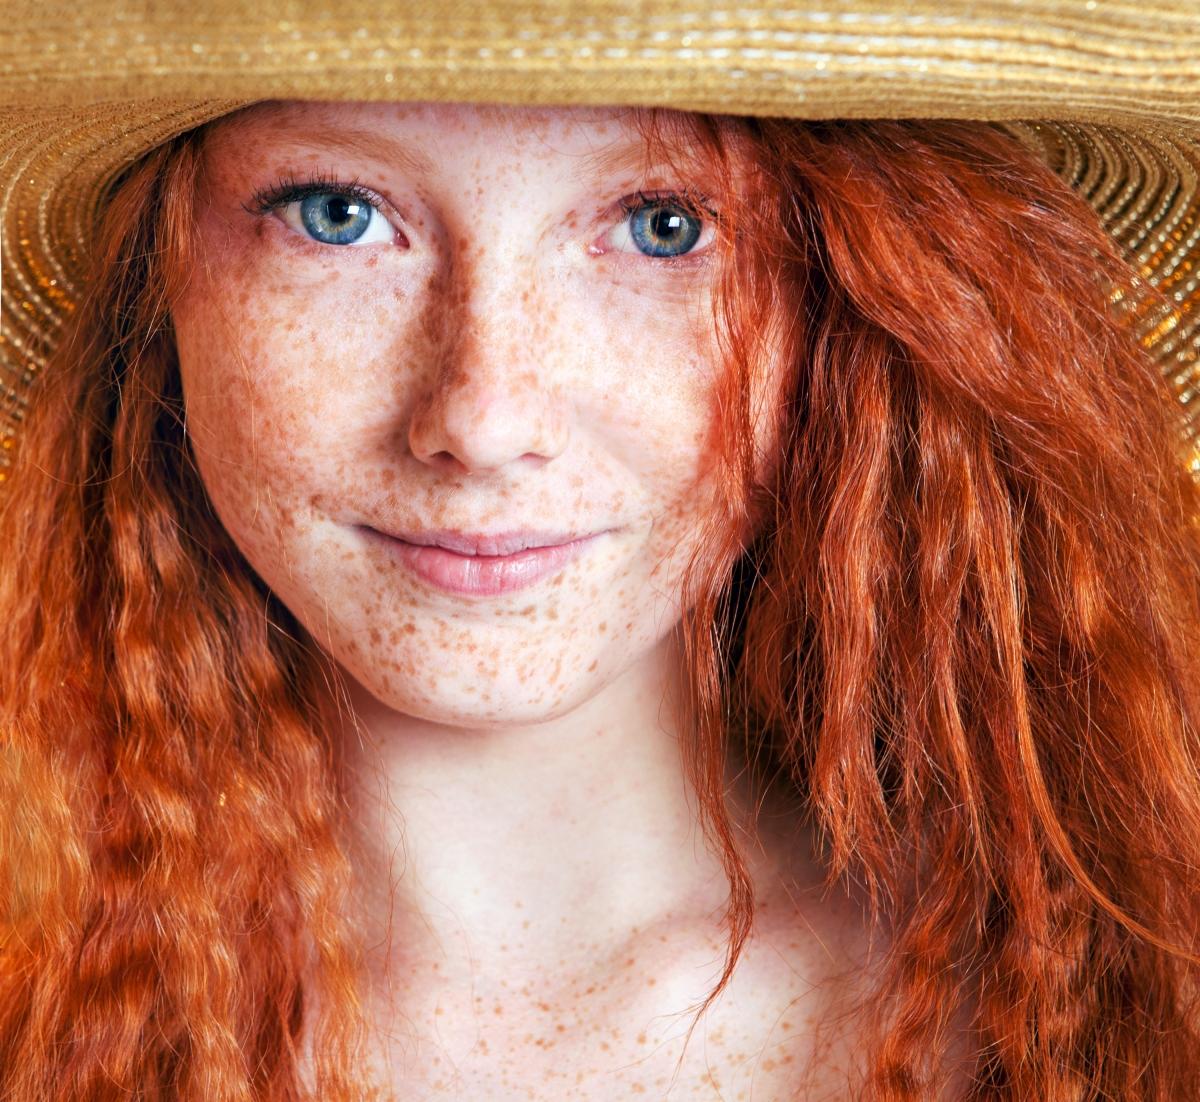 Portret van meisje met sproeten en rood haar. Het meisje draagt een strooien hoed.